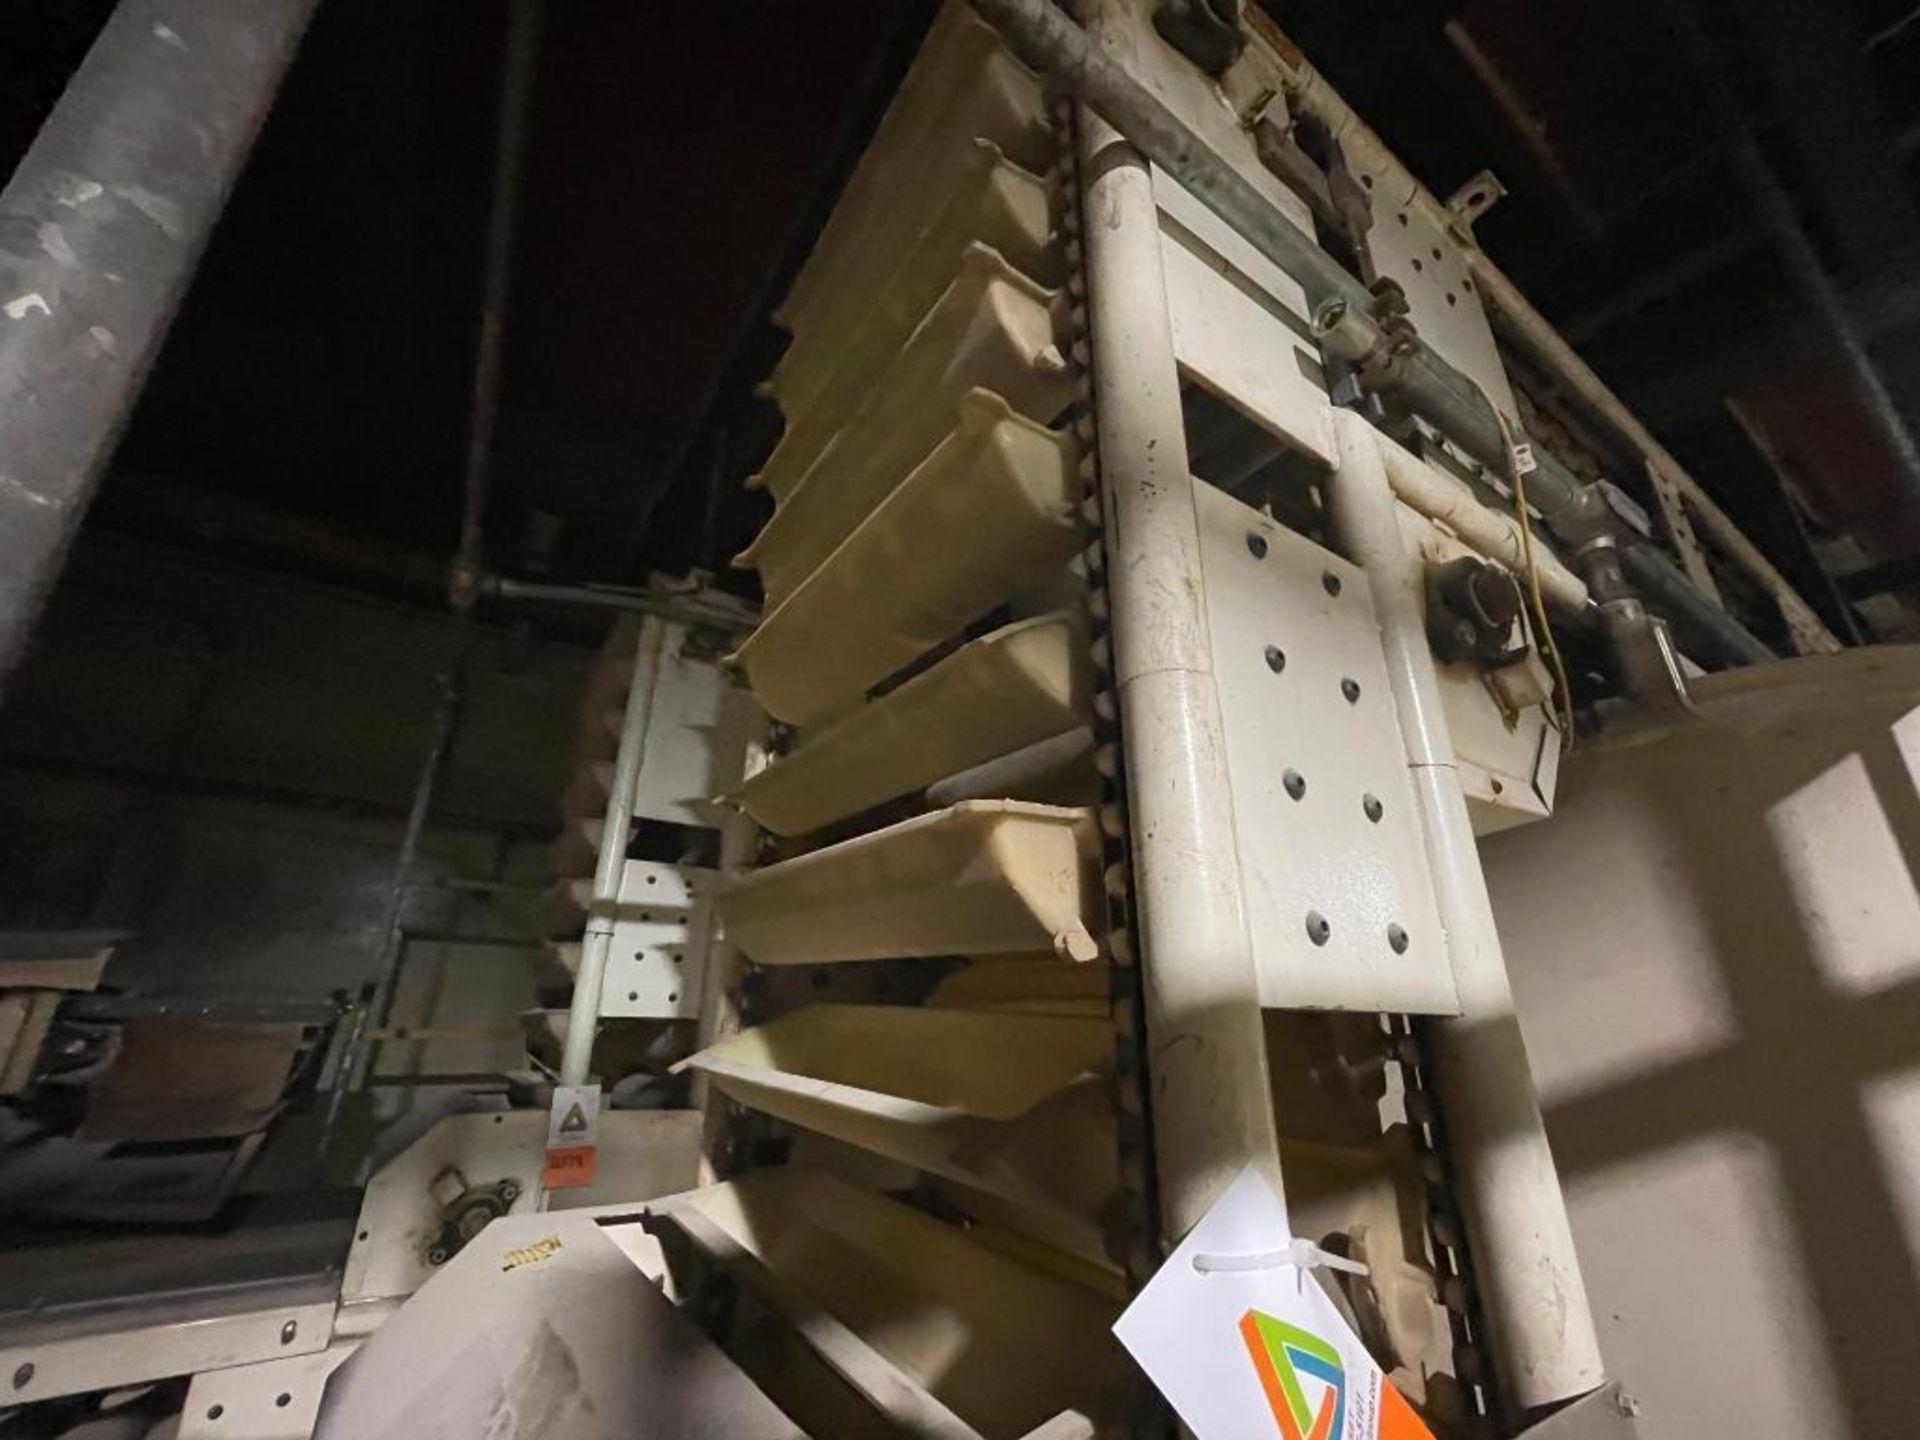 Aseeco horizontal overlapping bucket elevator - Image 2 of 13